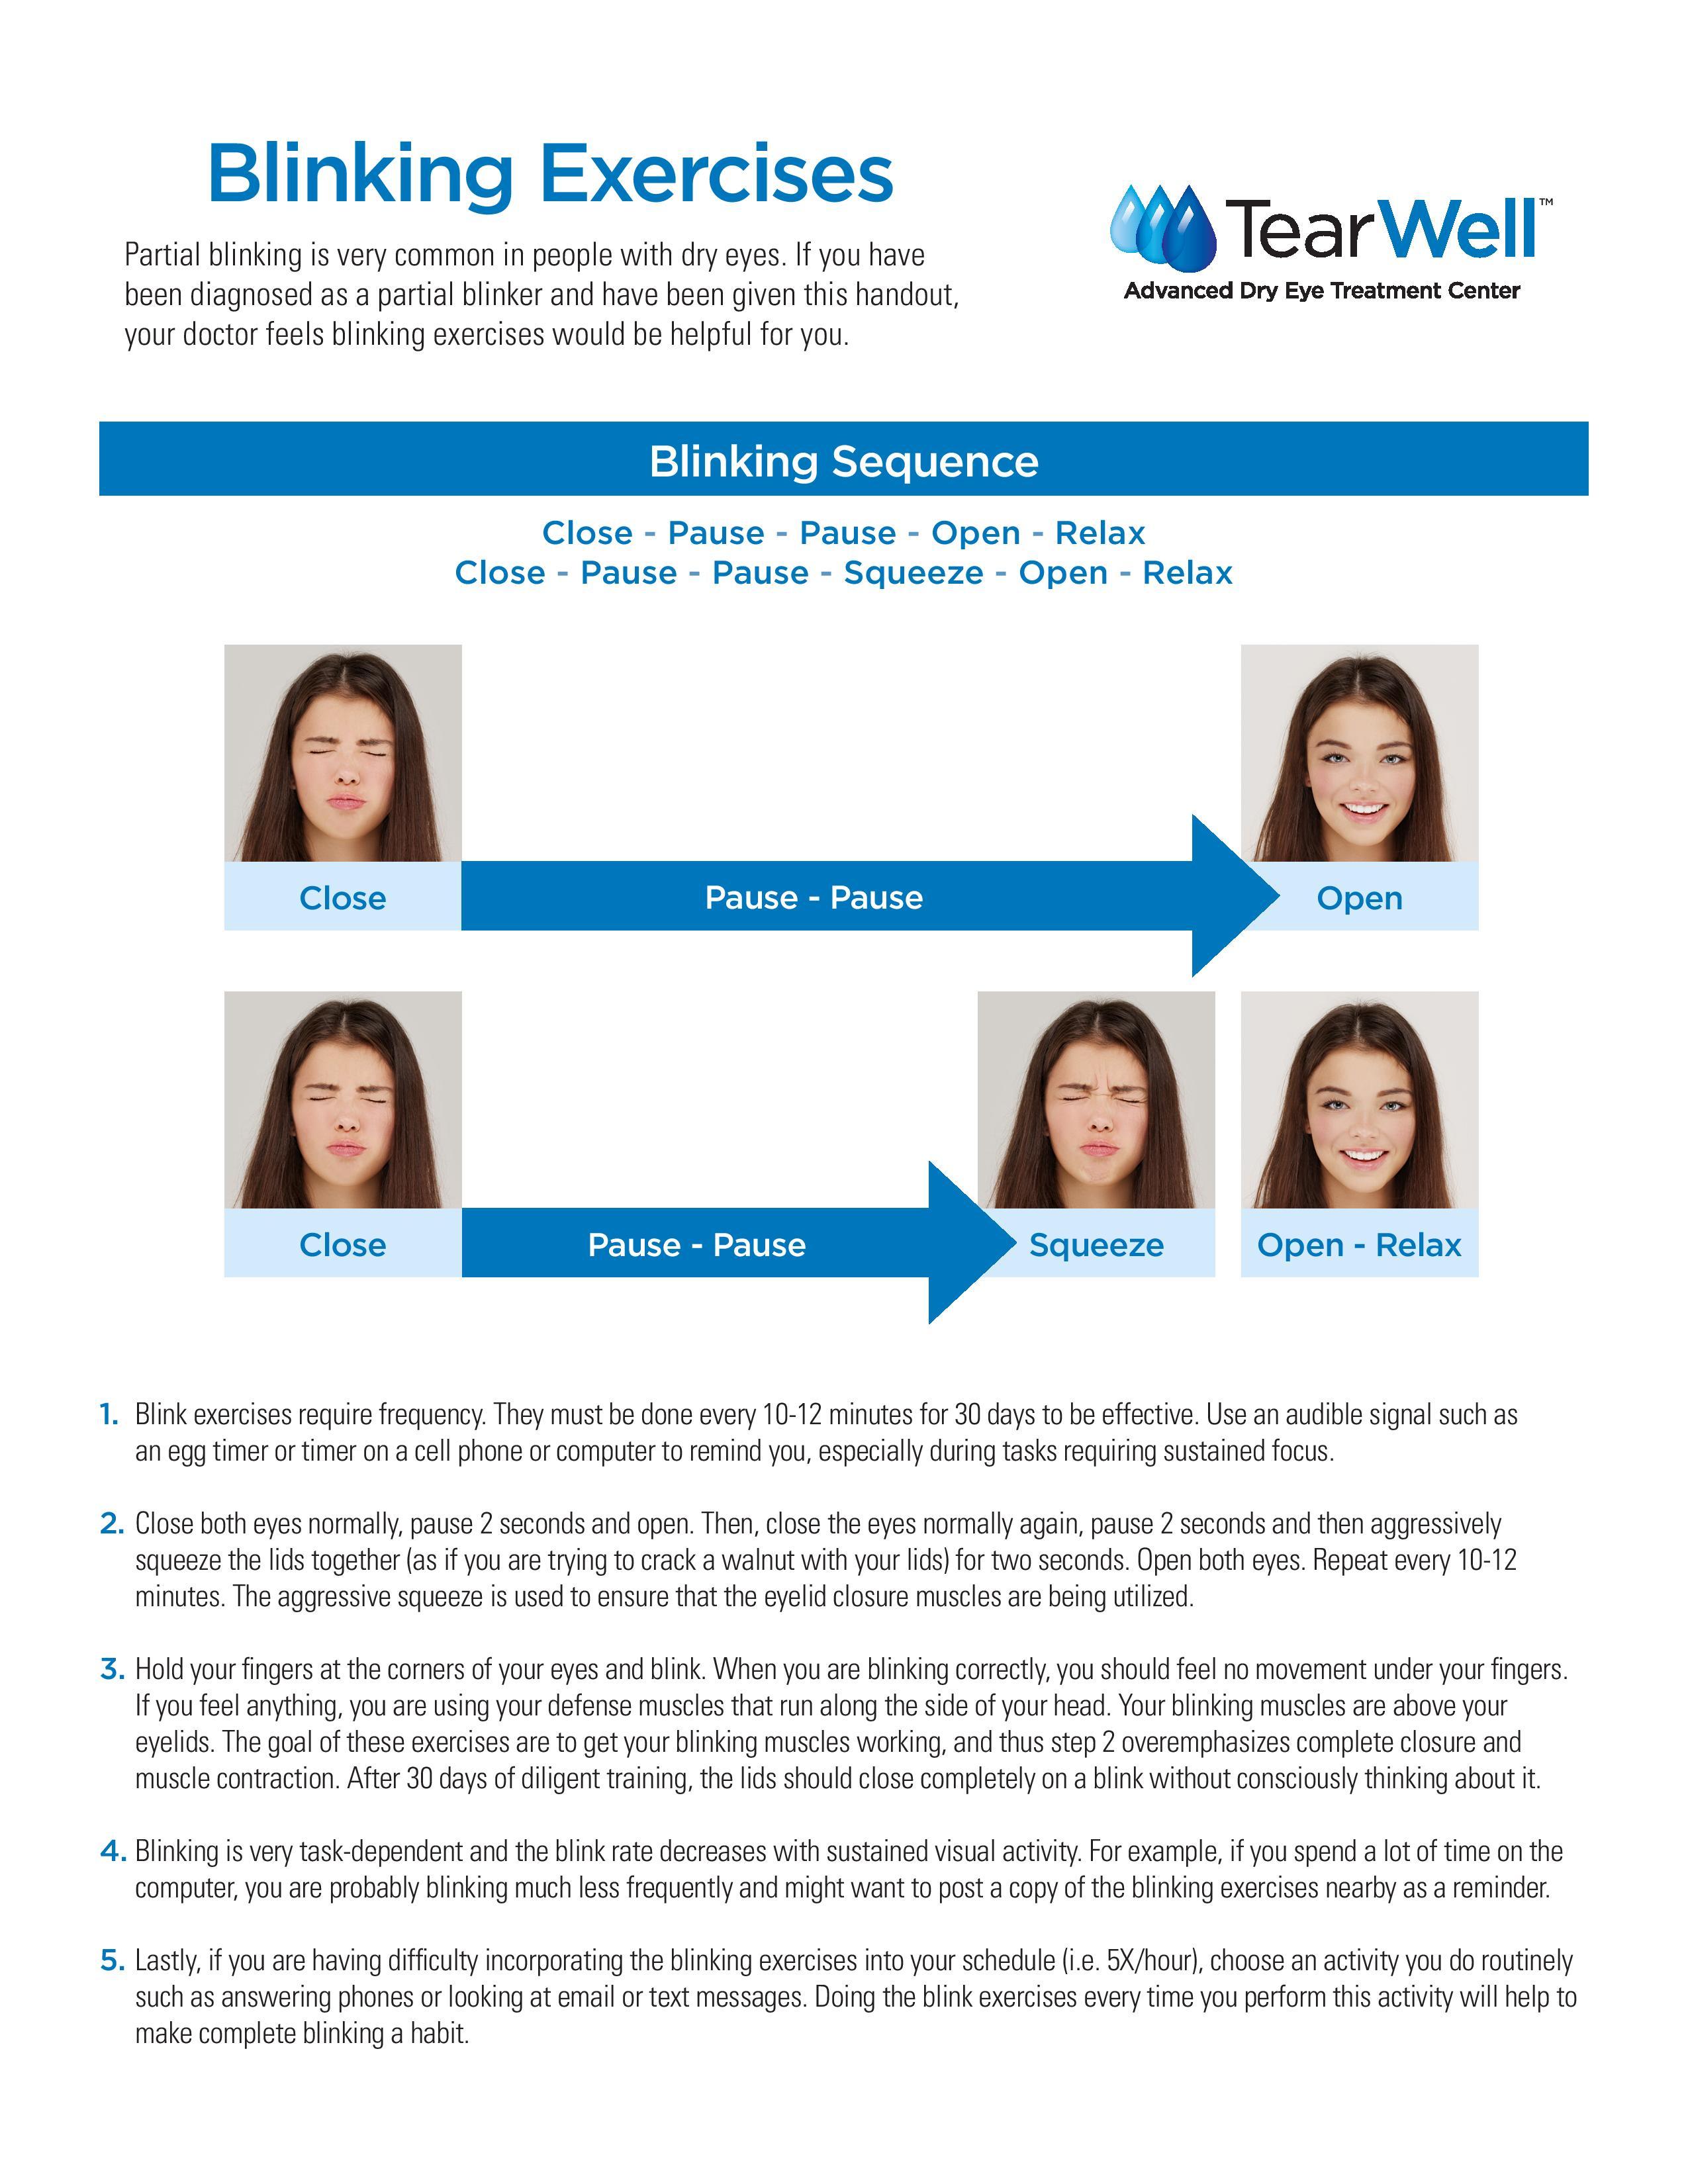 Blinking Exercises, Optometrist, Irvine, CA